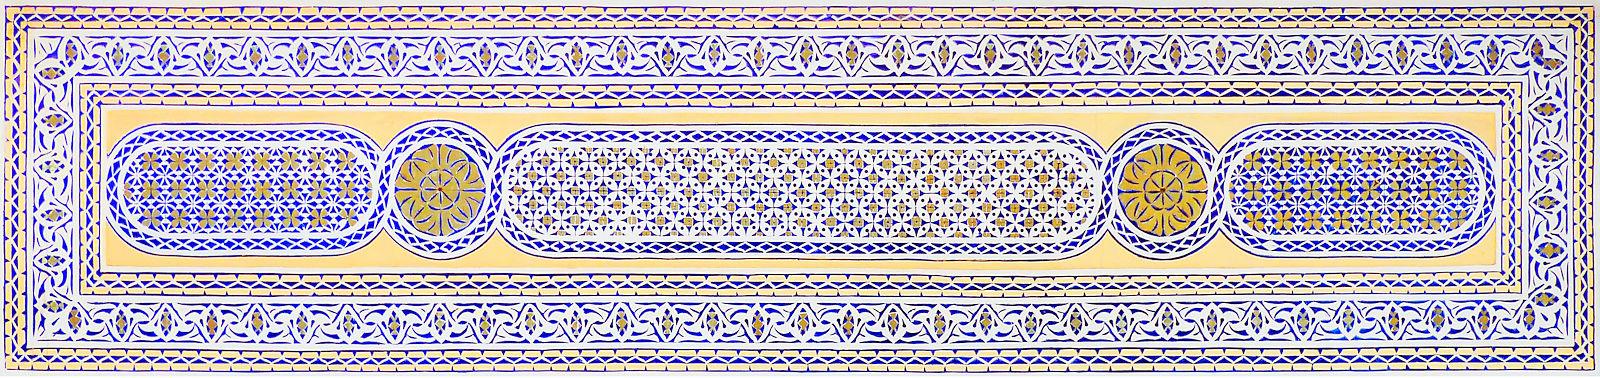 Mosquée Es-Salam Tourcoing - Motifs, arabesques, carrelage